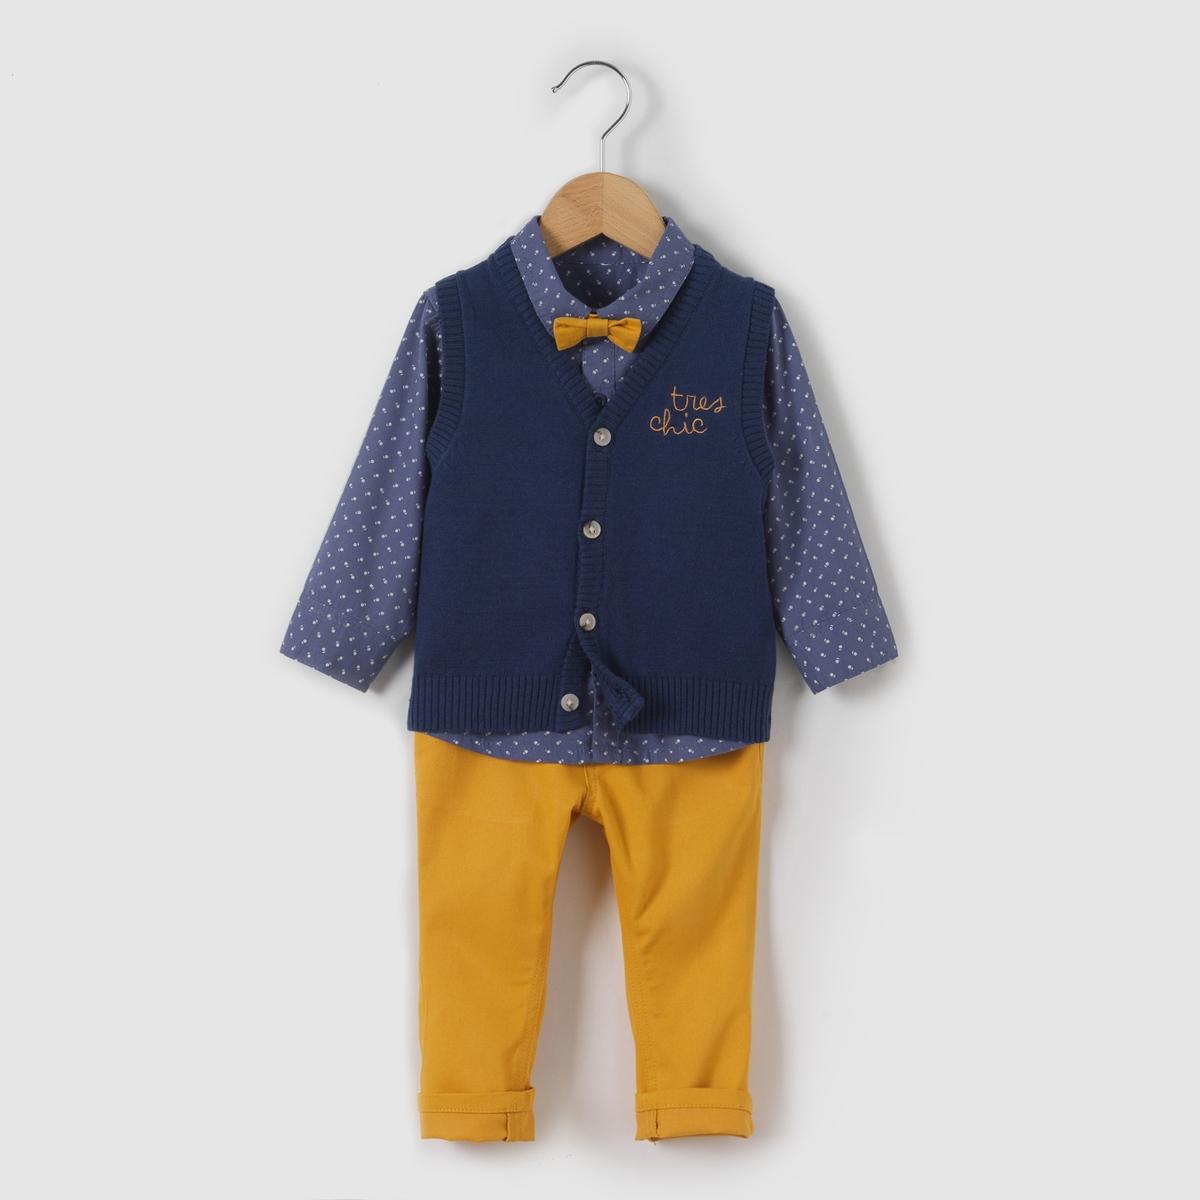 Комплект: рубашка, жилет и брюки 1 мес-3 летКомплект: рубашка, жилет без рукавов и брюки  . Трикотажный жилет без рукавов . Застежка на пуговицы. Вышивка спереди. Отделка в виде вязки в рубчик. Рубашка из поплина с принтом . Небольшой съемный бантик-бабочка  . Закругленный низ. Брюки из саржи . 2 кармана спереди. 1 задний карман . Застежка на пуговицу и пояс регулируется внутренней резинкой на пуговице .Состав и описаниеМатериал: 100% хлопок.Марка    R mini УходСтирать и гладить с изнанкиМашинная стирка при 30°С на умеренном режиме с одеждой схожих цветовМашинная сушка на умеренном режимеГладитьпри умереннойтемпературе<br><br>Цвет: желтый/ синий<br>Размер: 18 мес. - 81 см